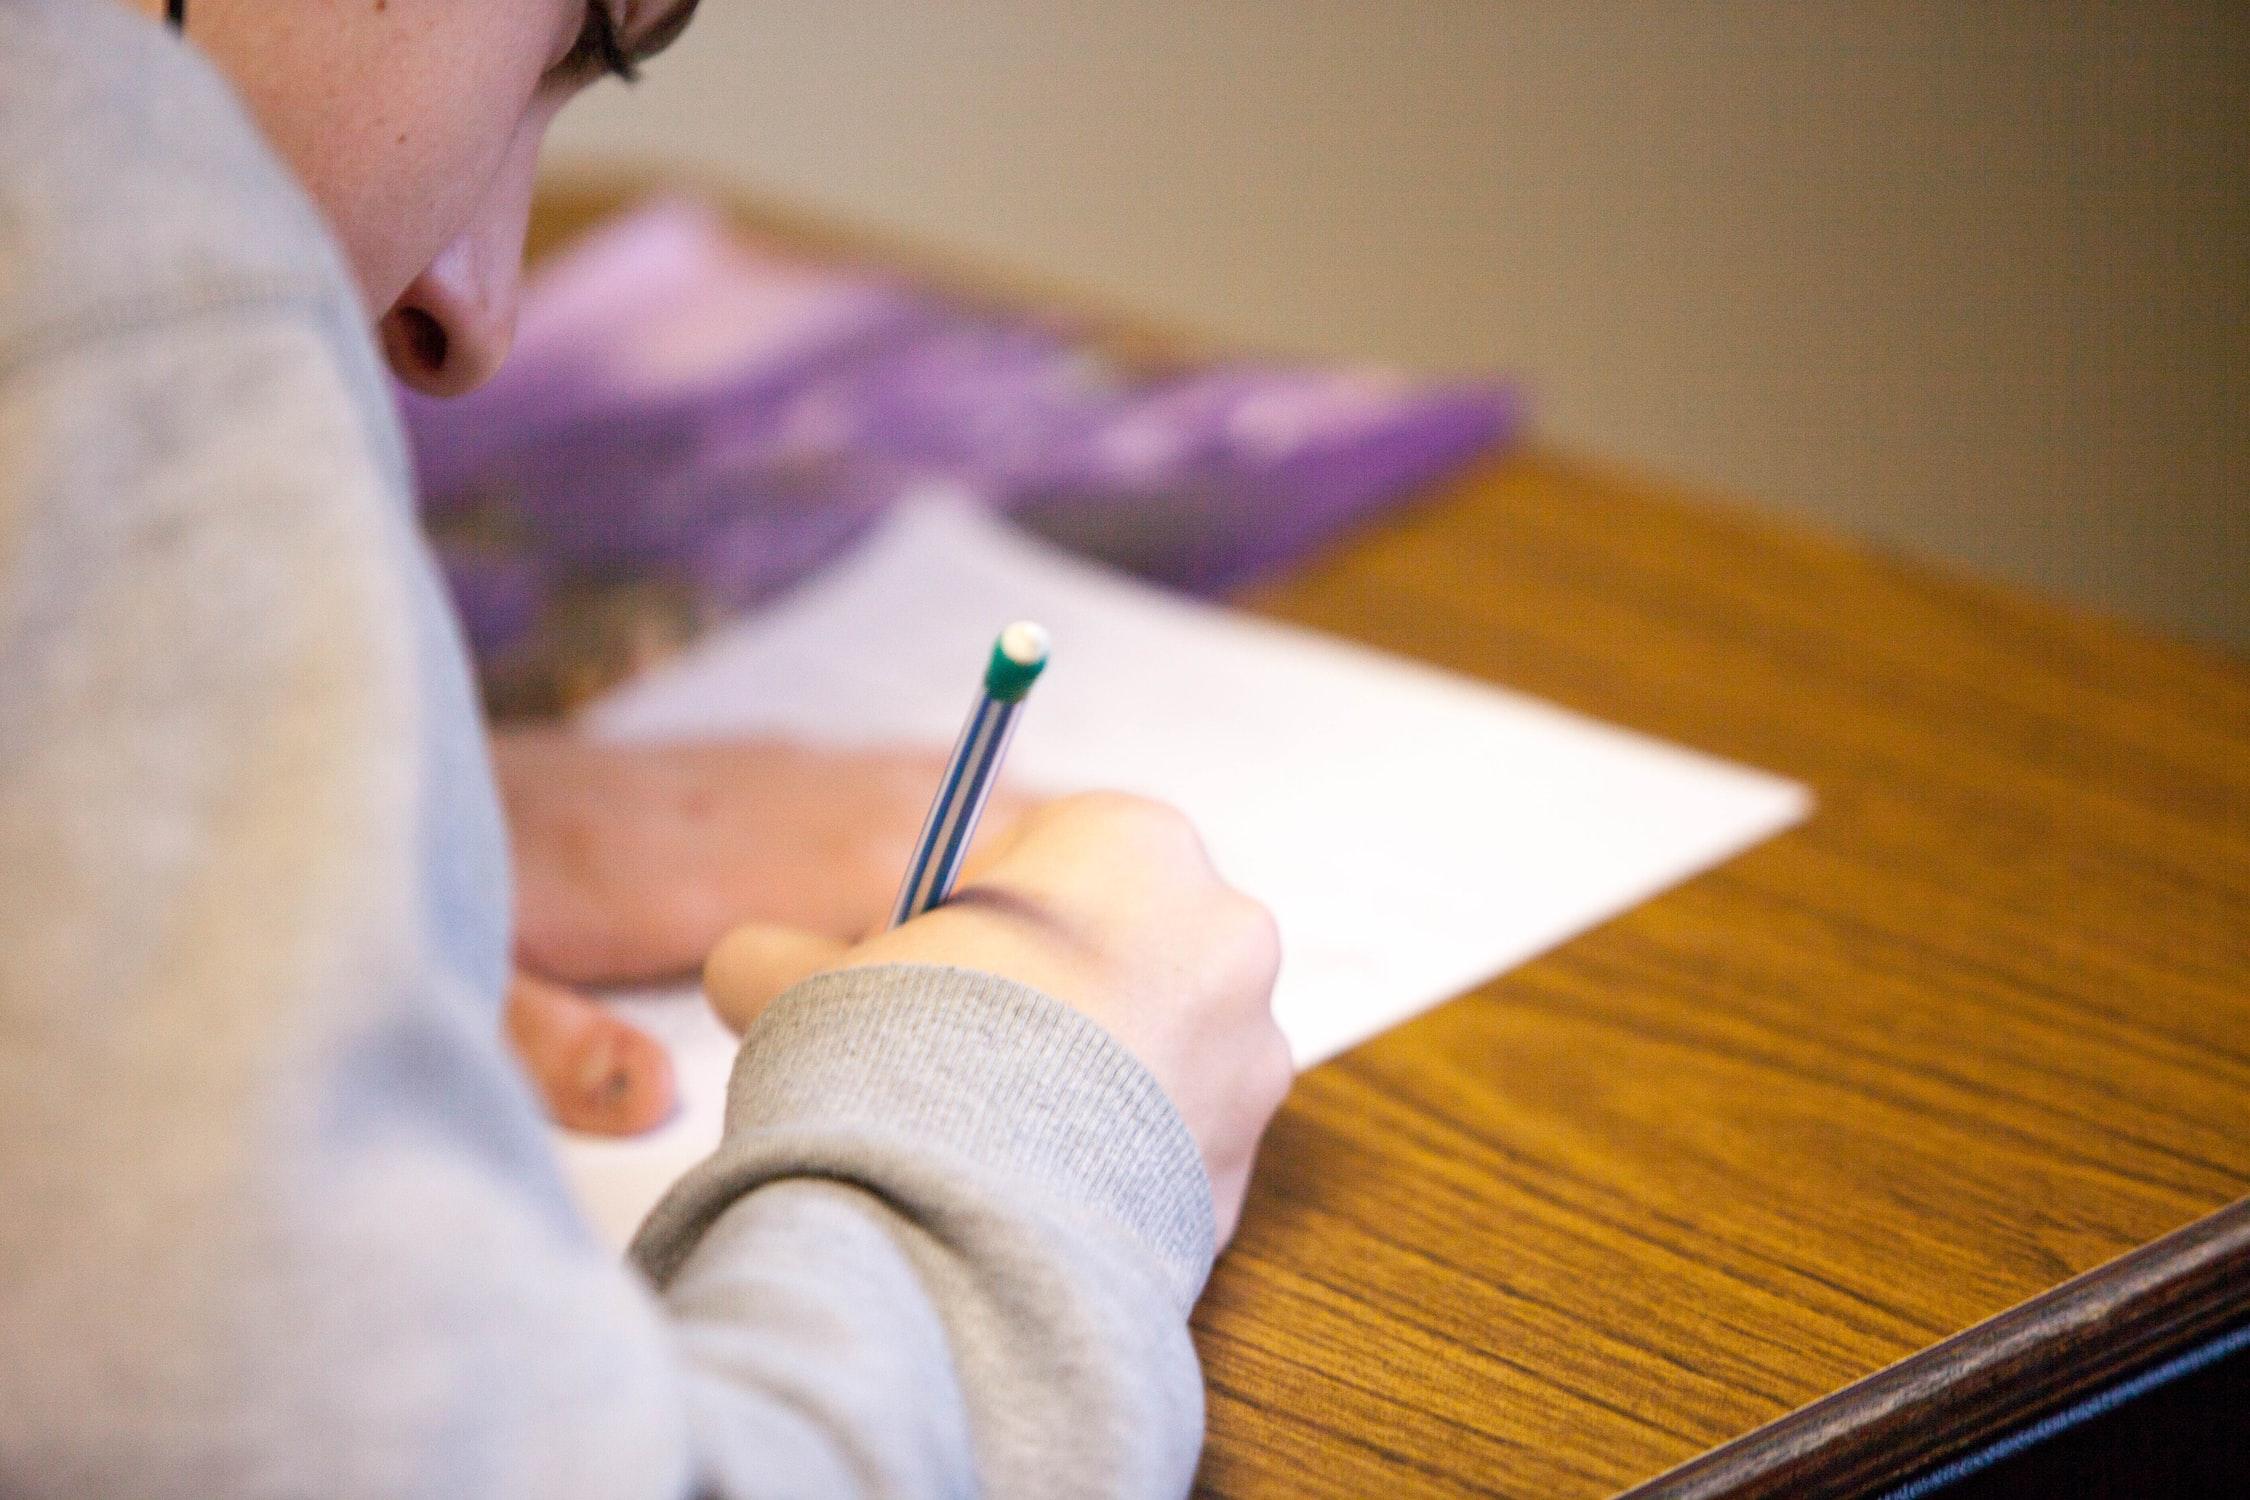 共通テストのために民間の英語試験を受験したほうが良いのか?